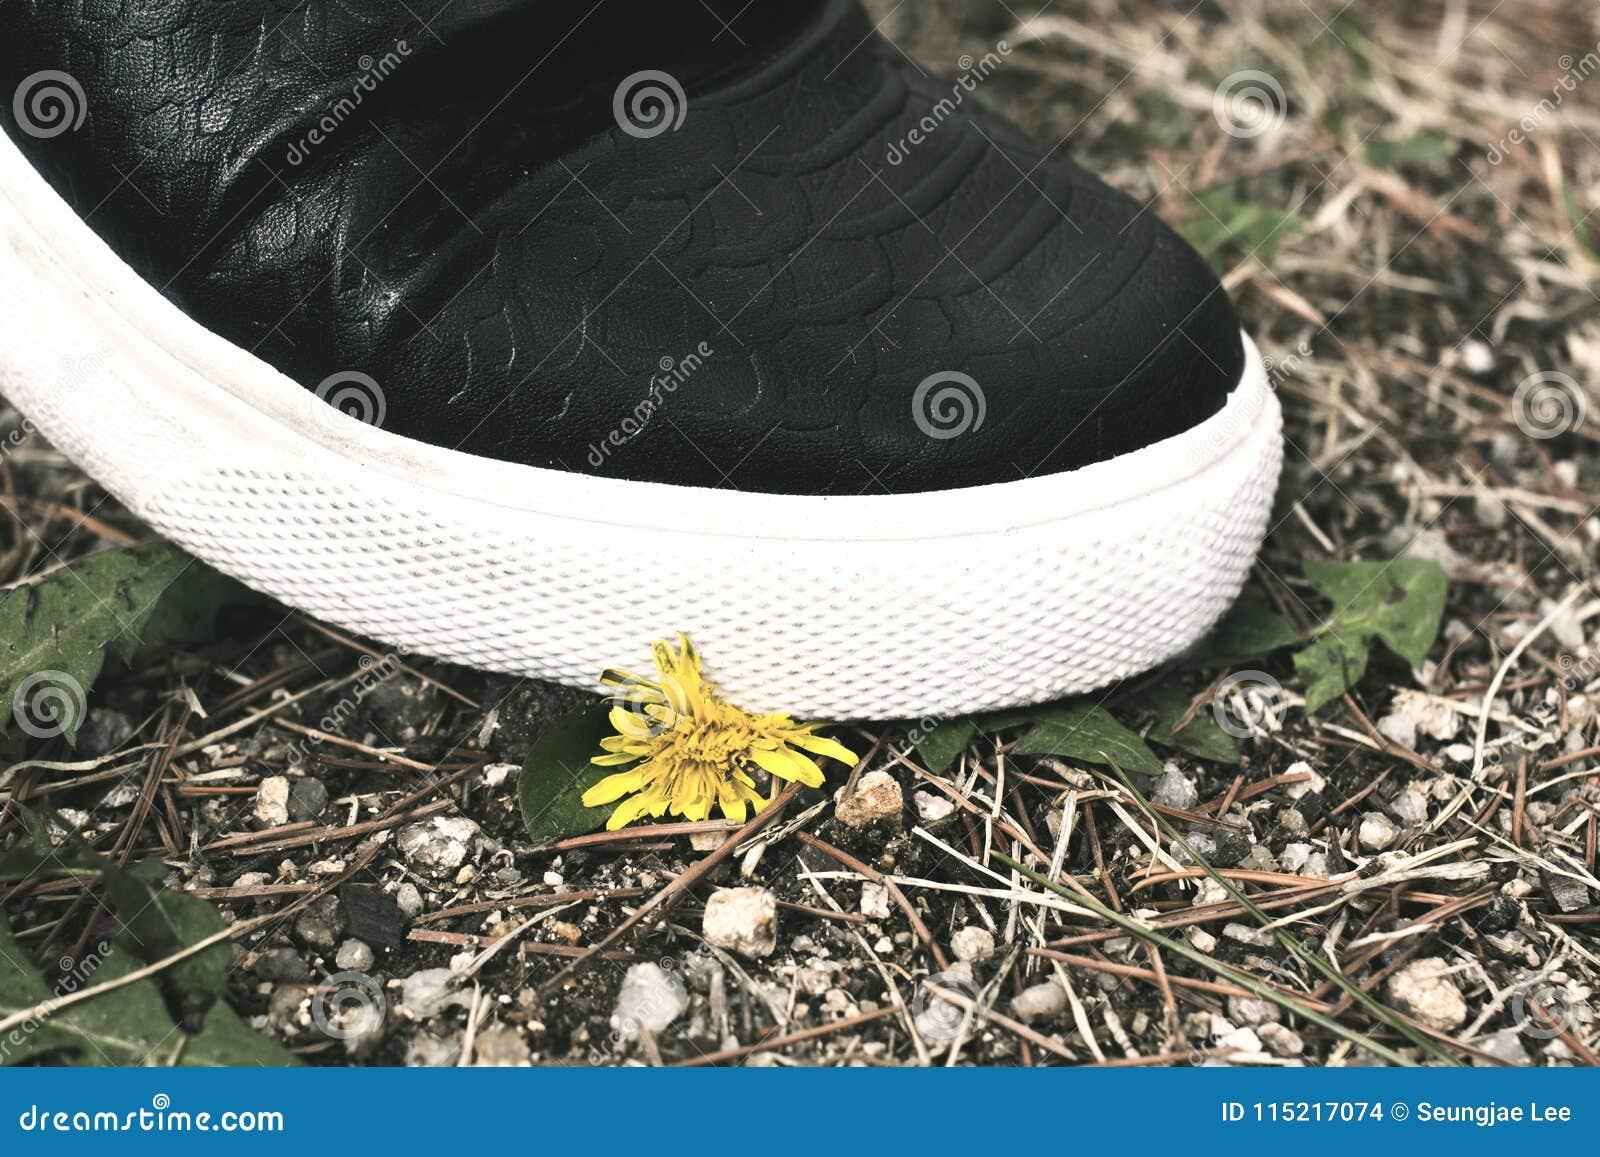 Stempeln hinunter die kleine Blume Gewalttätigkeitskonzeptphotographie